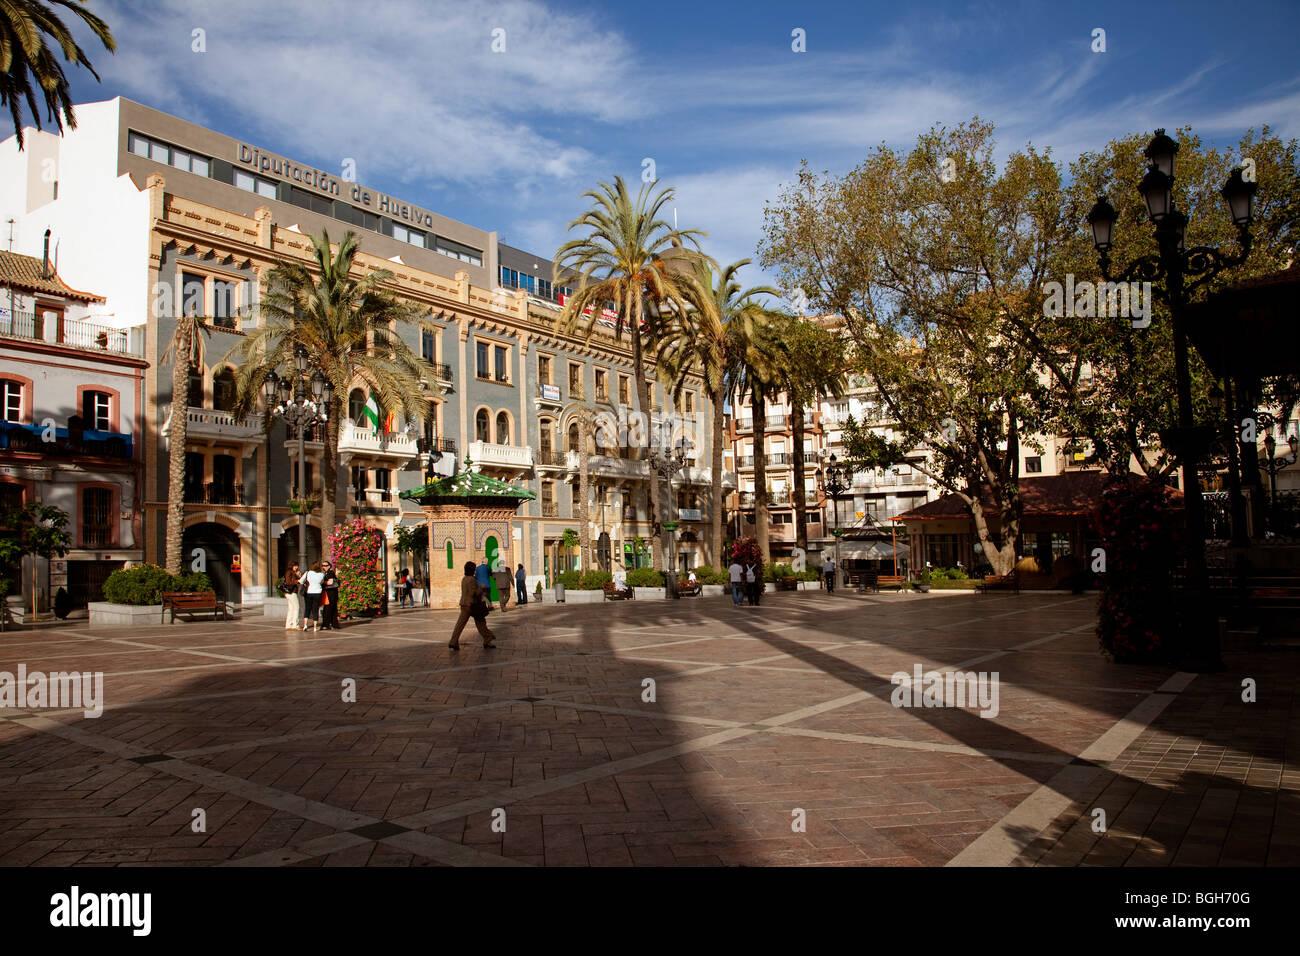 Plaza de las monjas en huelva andaluc a espa a plaza de for Plaza de garaje huelva